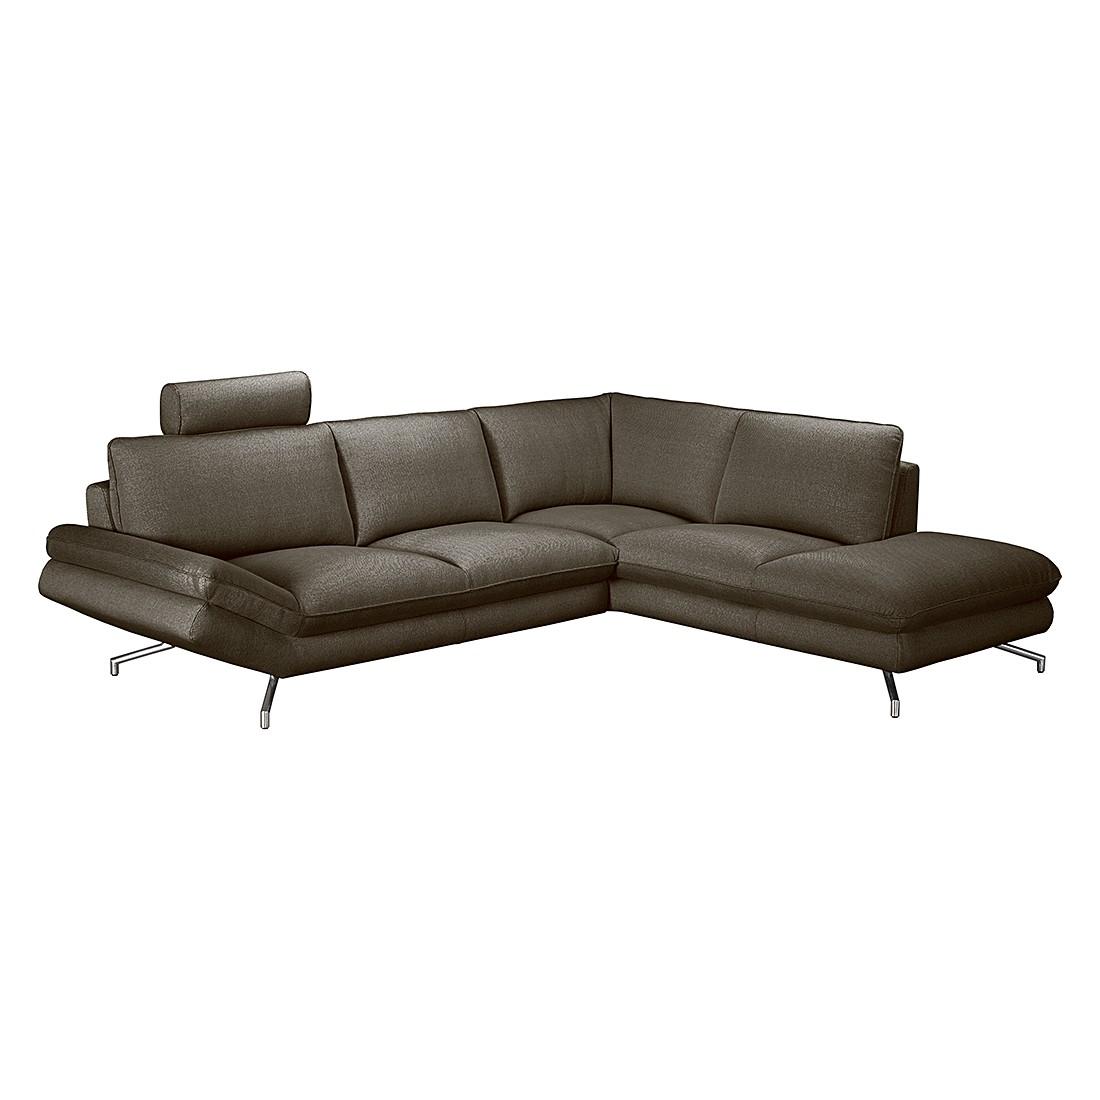 ecksofa sharon strukturstoff grau braun ottomane davorstehend rechts loftscape g nstig kaufen. Black Bedroom Furniture Sets. Home Design Ideas